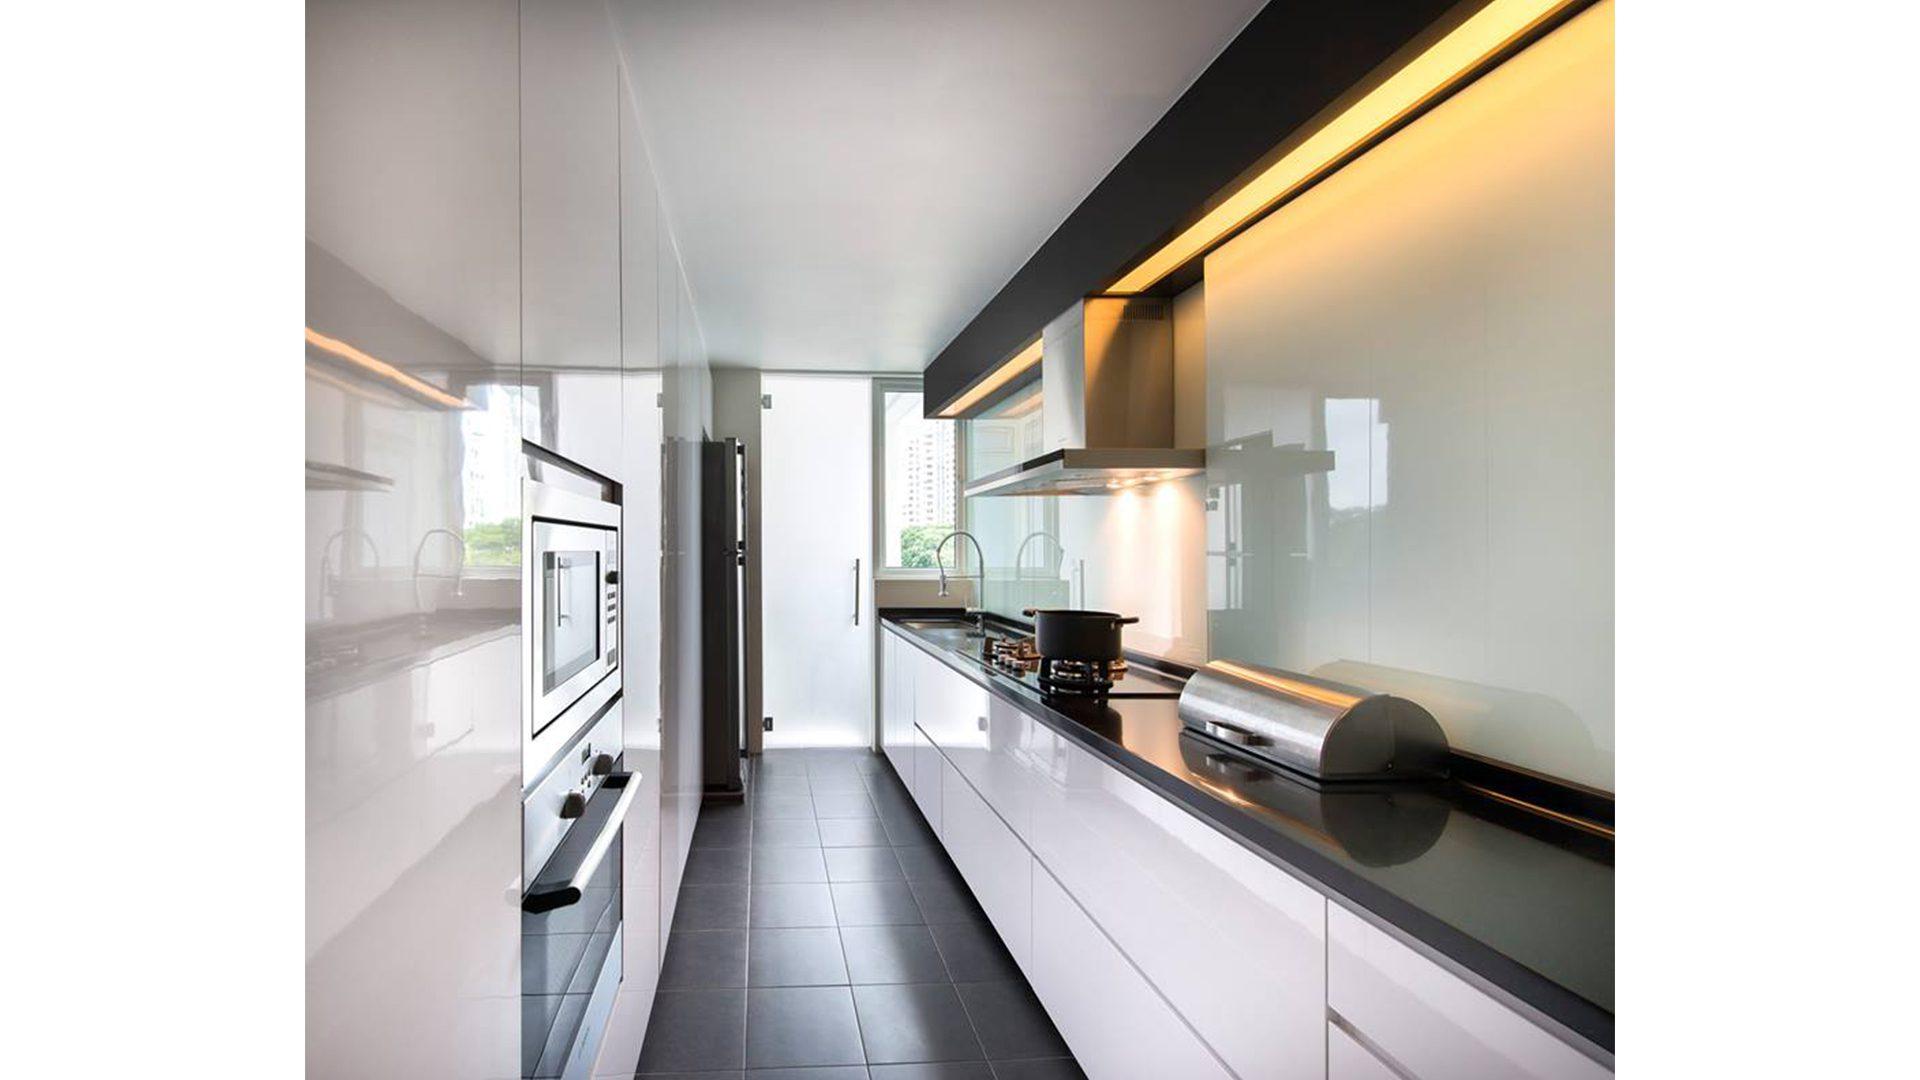 312B Clementi Ave 4_sample interior design(1920x1080)_Home Quarters SG_KC Ng Keng Chong-3